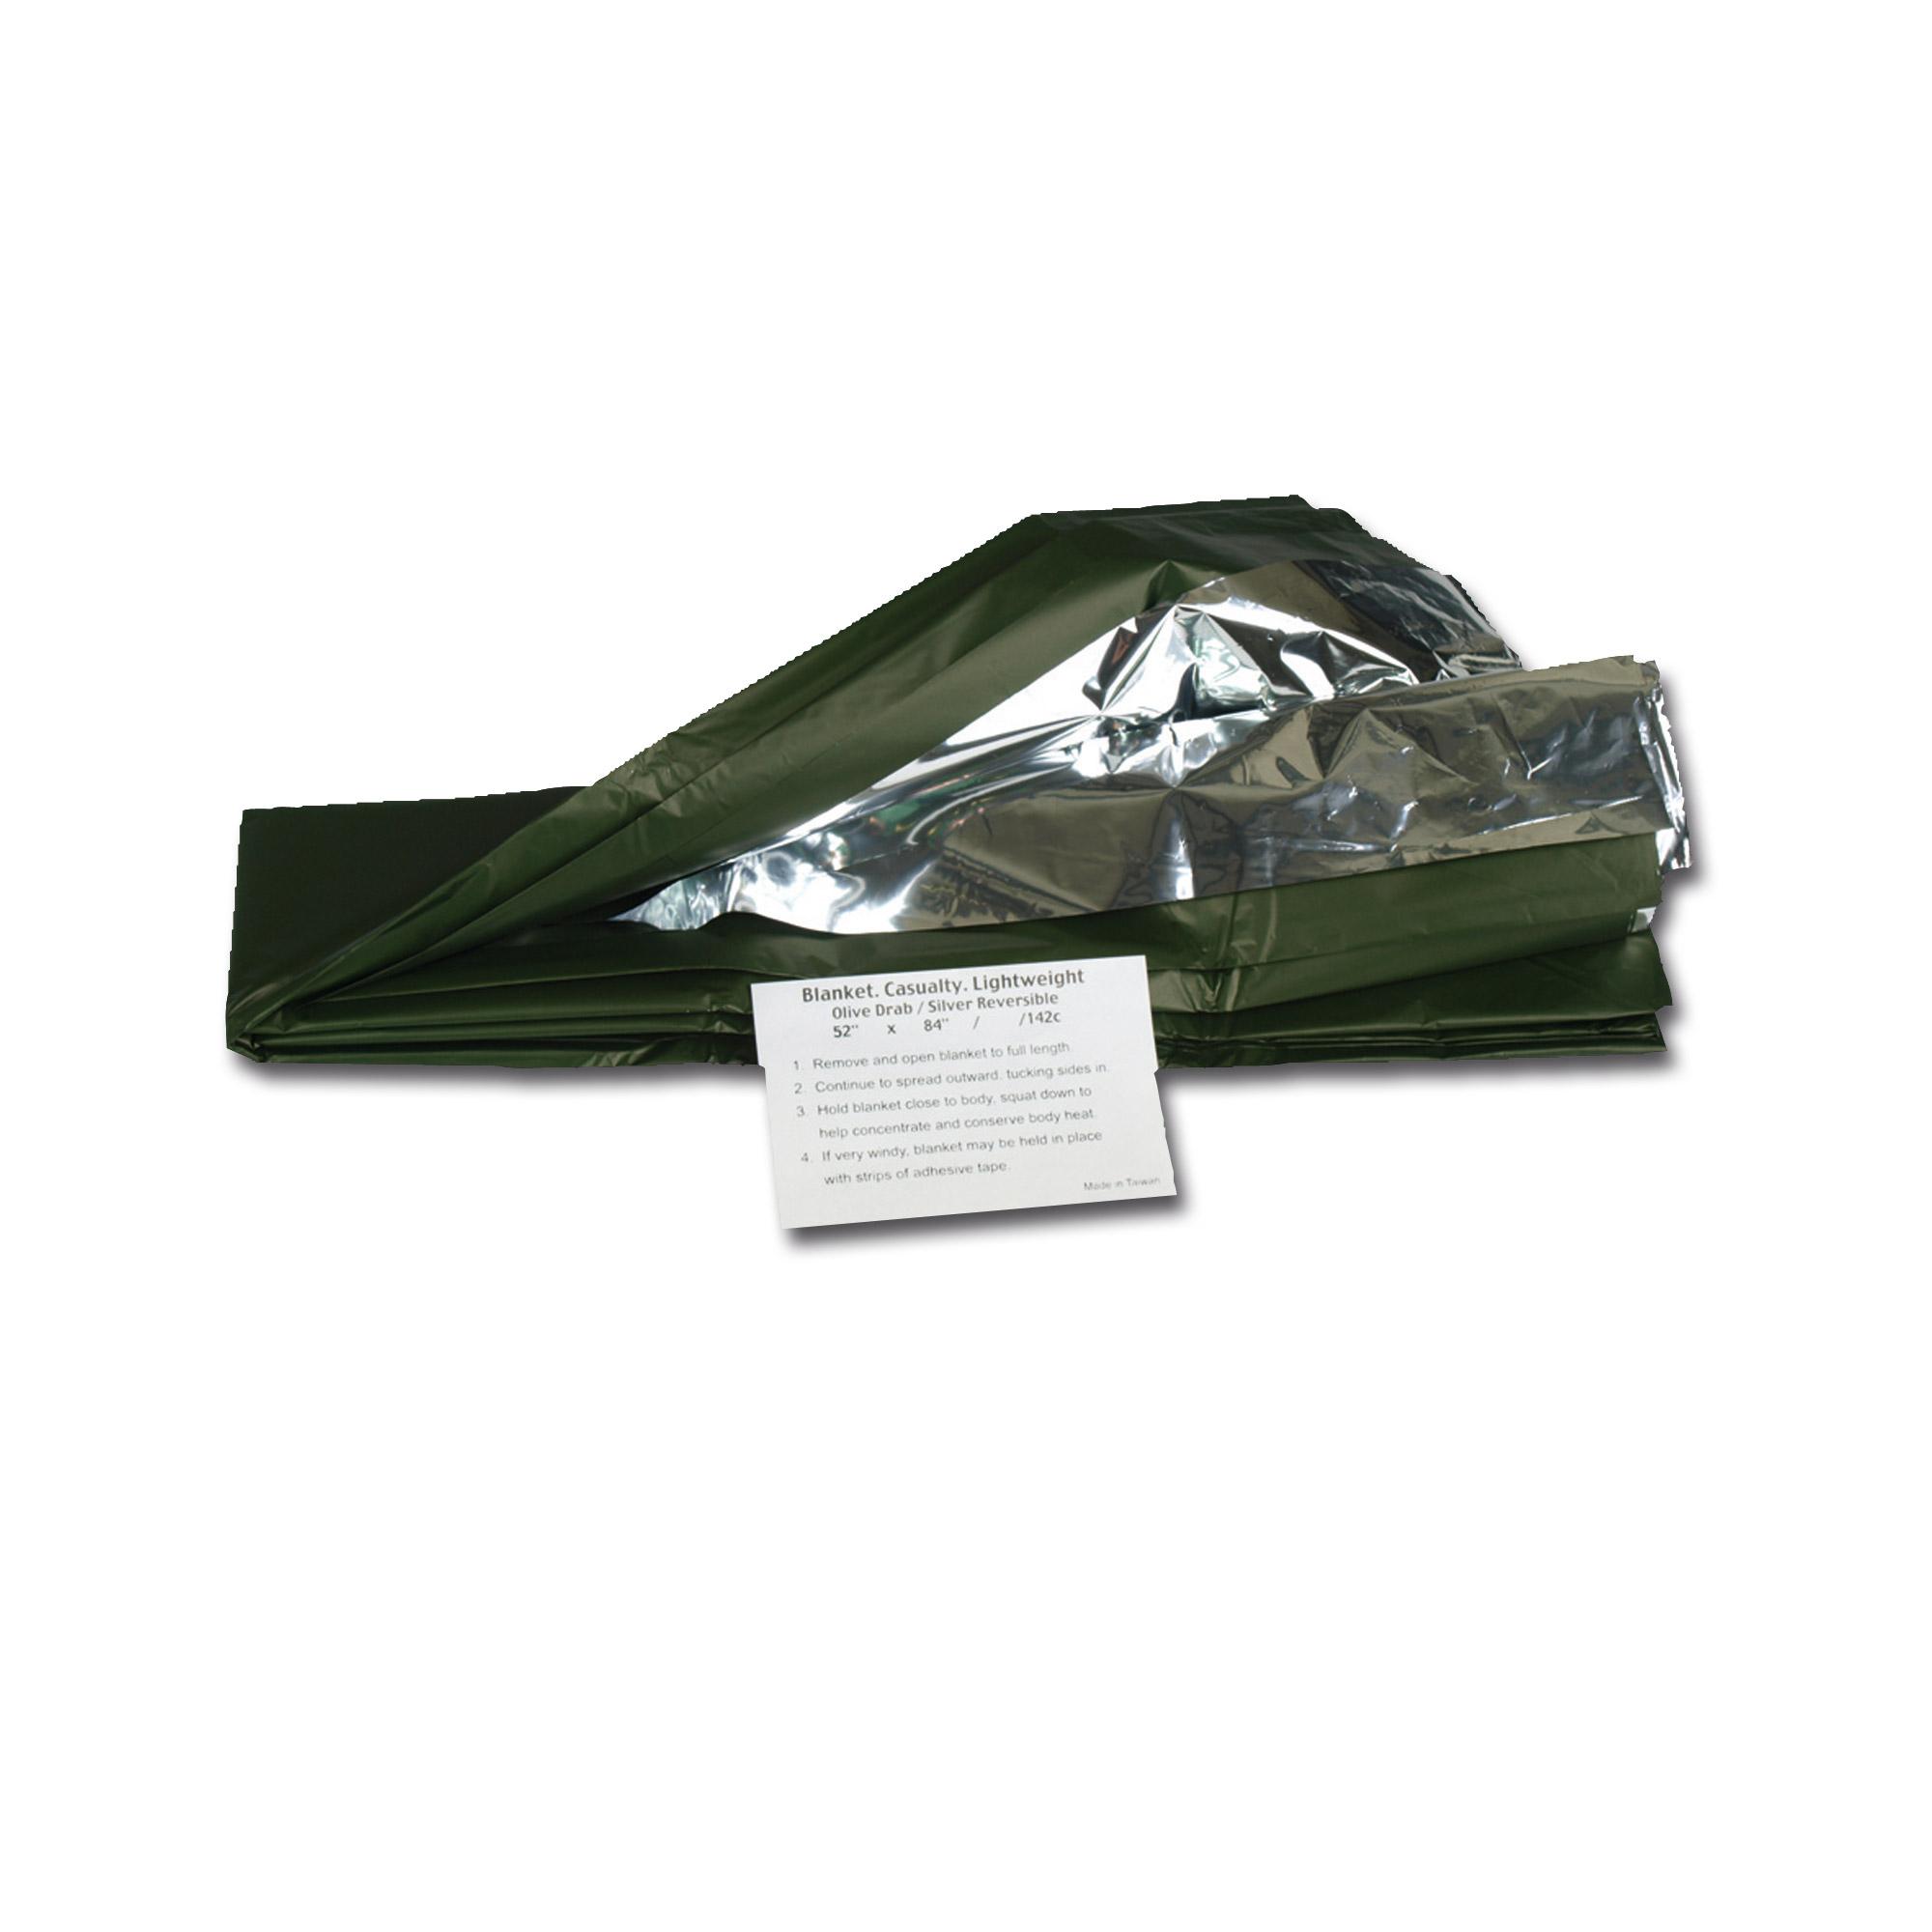 Couverture de survie argentée/verte olive